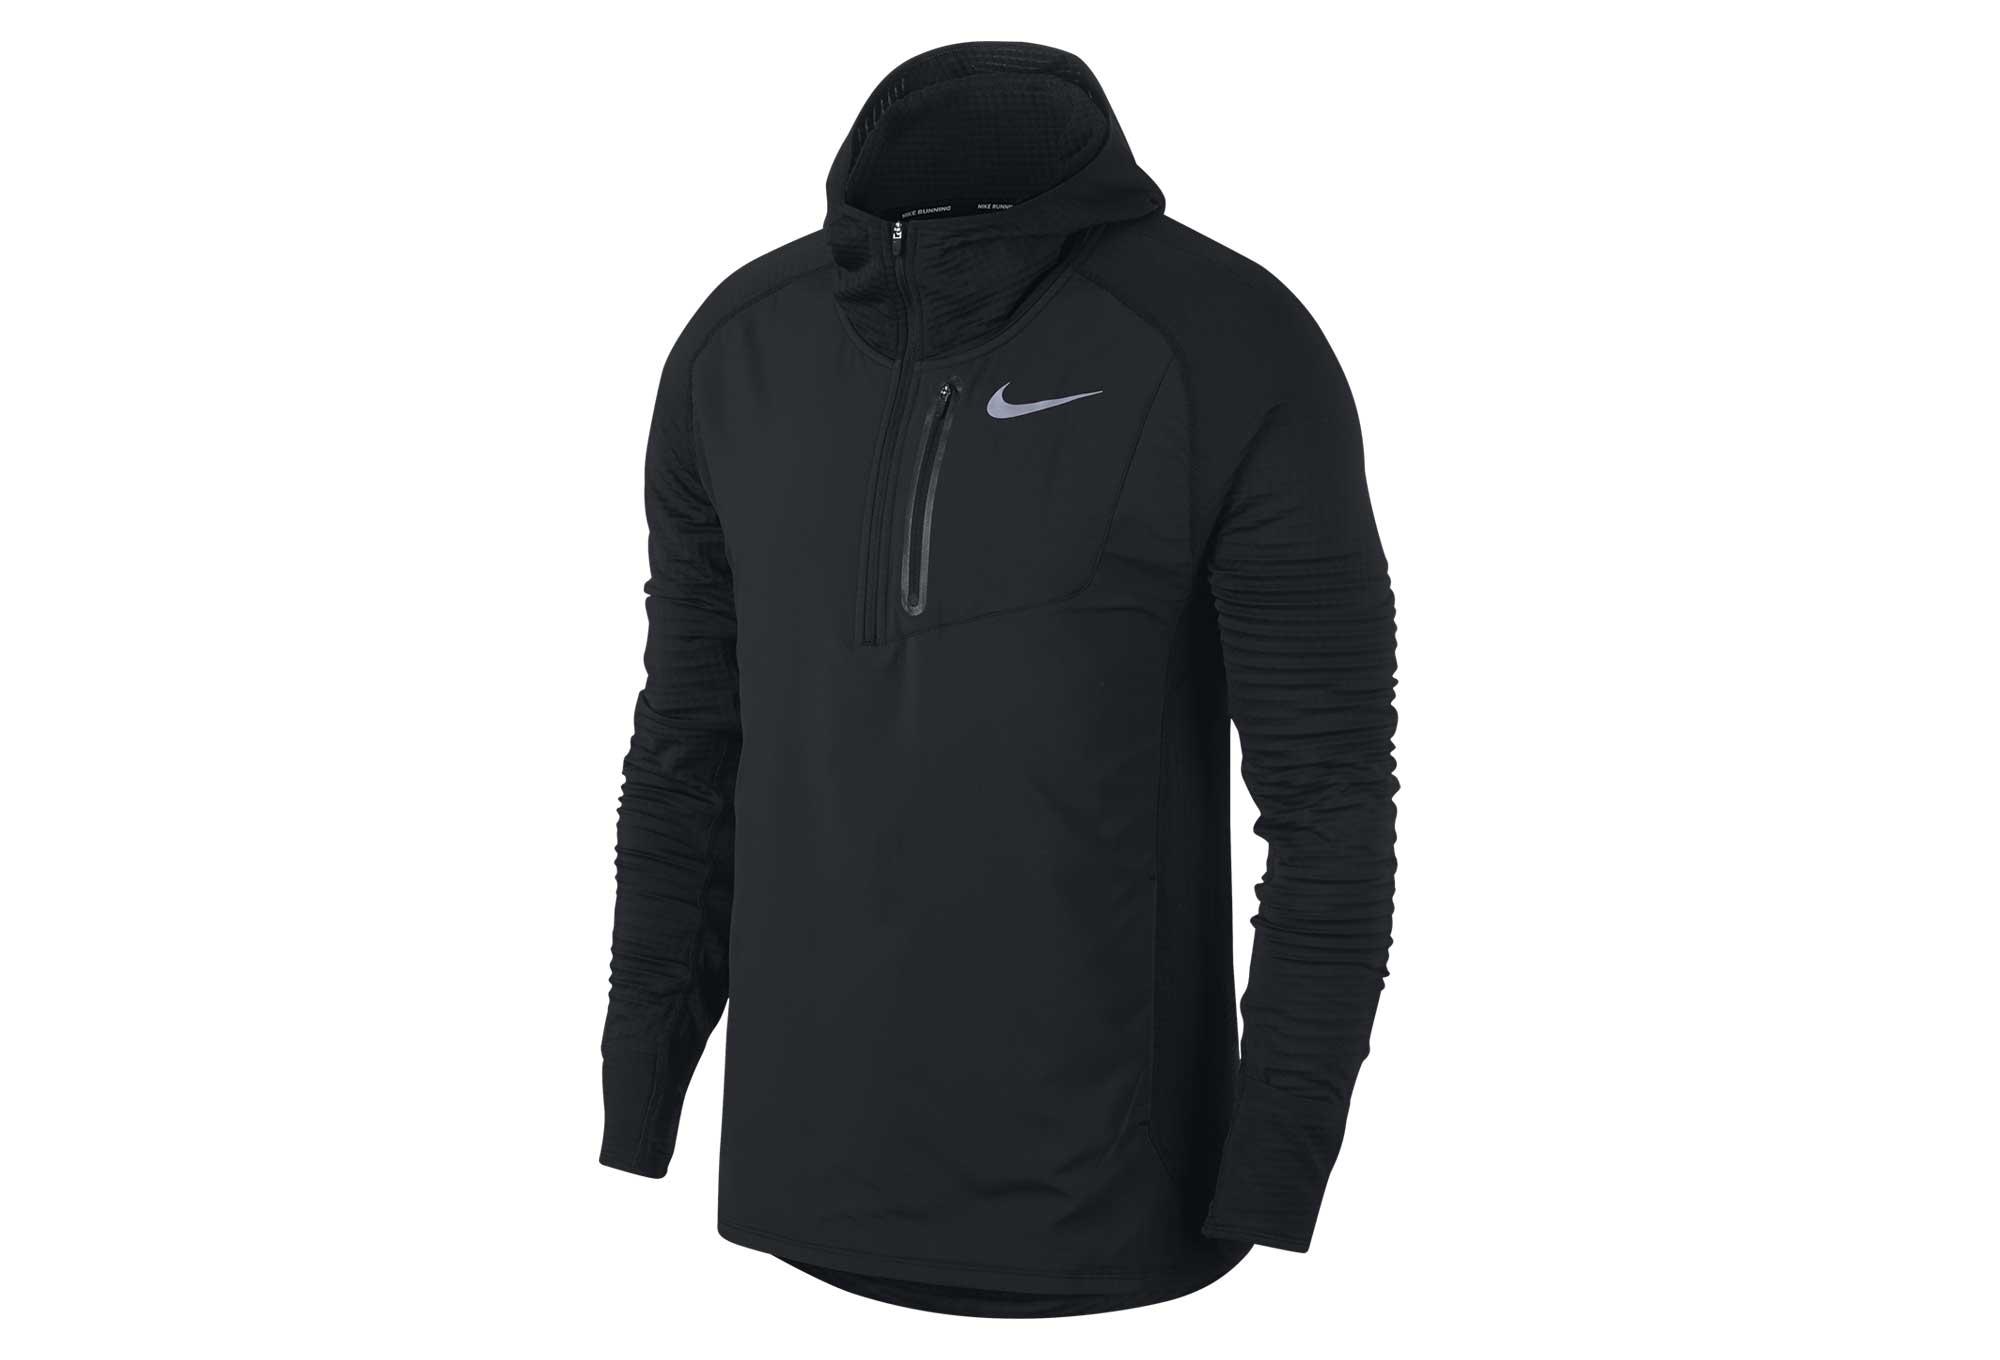 d19d171f39095 Sweat à Capuche Nike Therma Sphere Element Hybrid Noir Homme ...